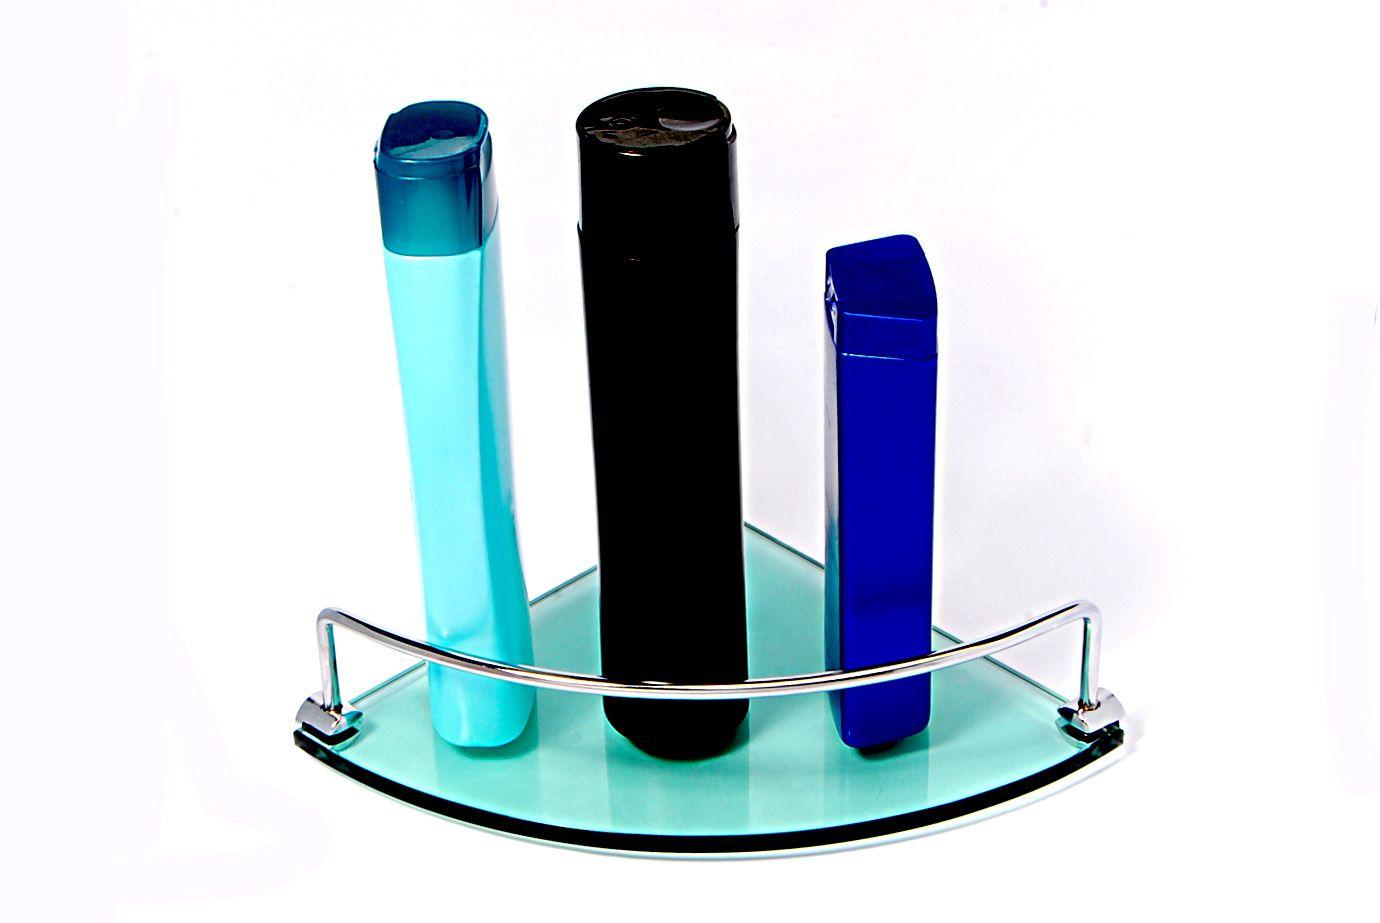 Porta Shampoo de Canto Curvo em Vidro Verde Lapidado - Aquabox  - 20cmx20cmx8mm